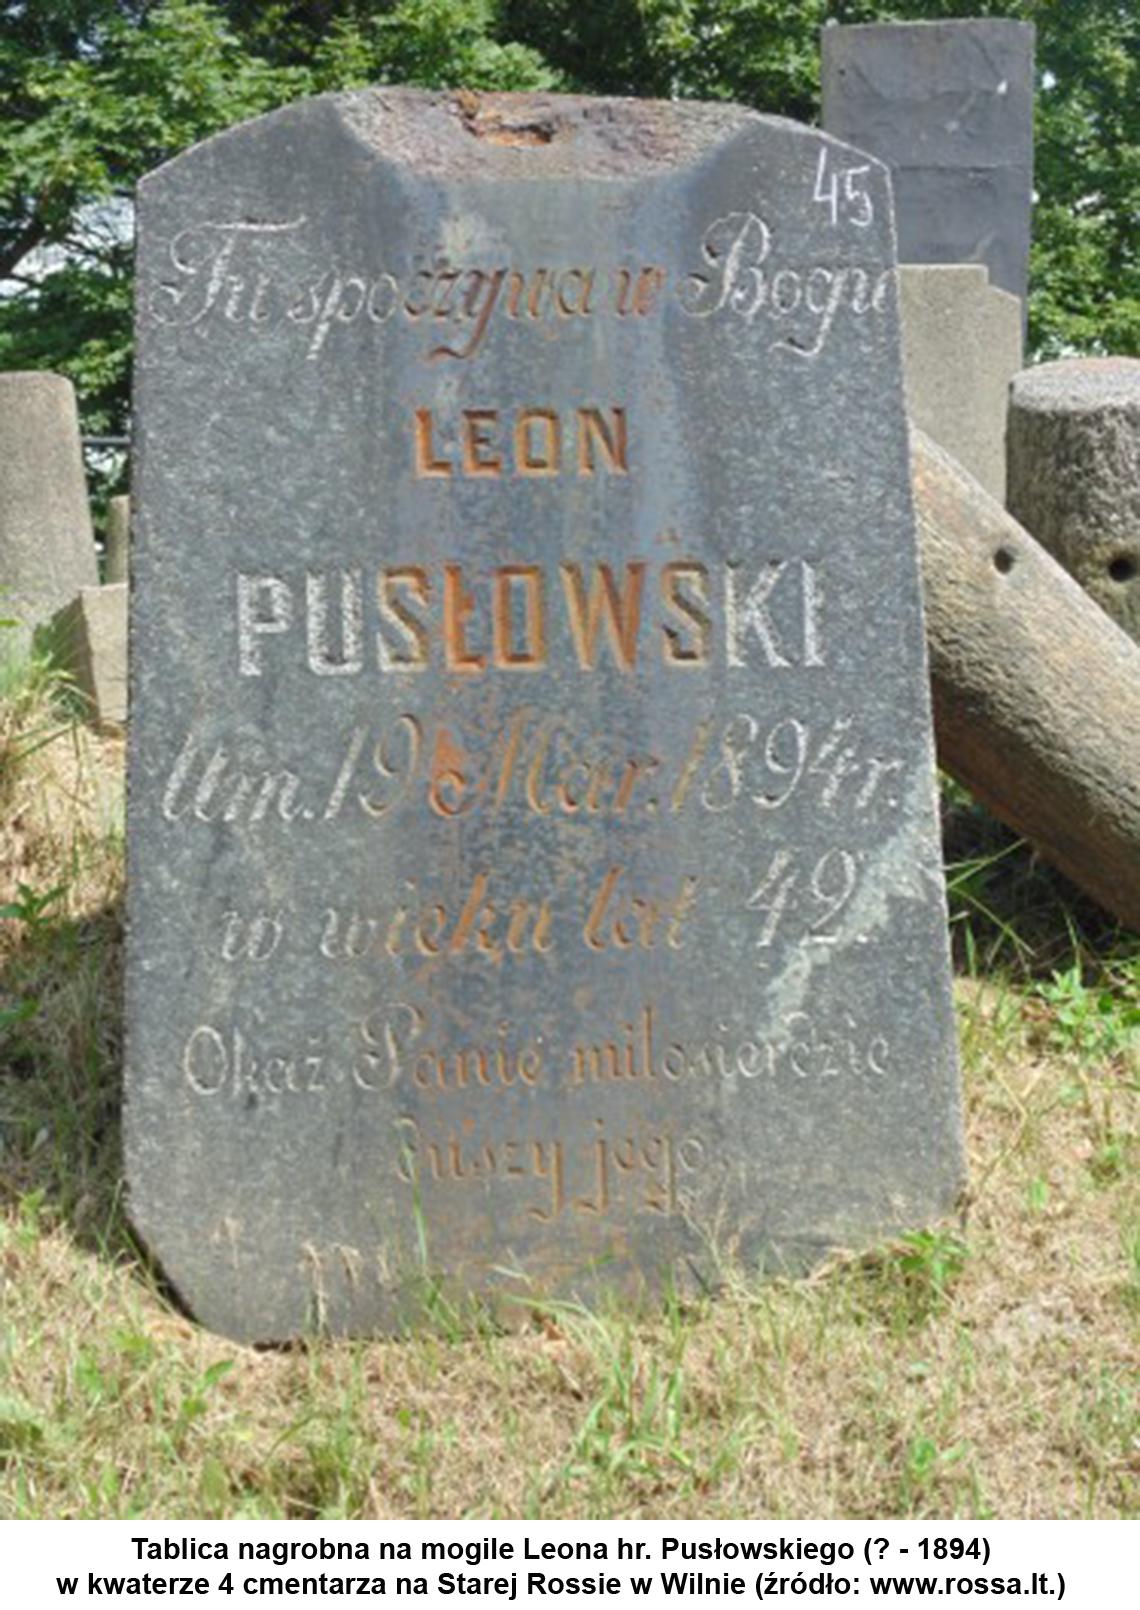 Tablica nagrobna na mogile Leona hr. Pusłowskiego (? - 1894) w kwaterze 4 cmentarza na Starej Rossie w Wilnie (źródło www.rossa.lt.).